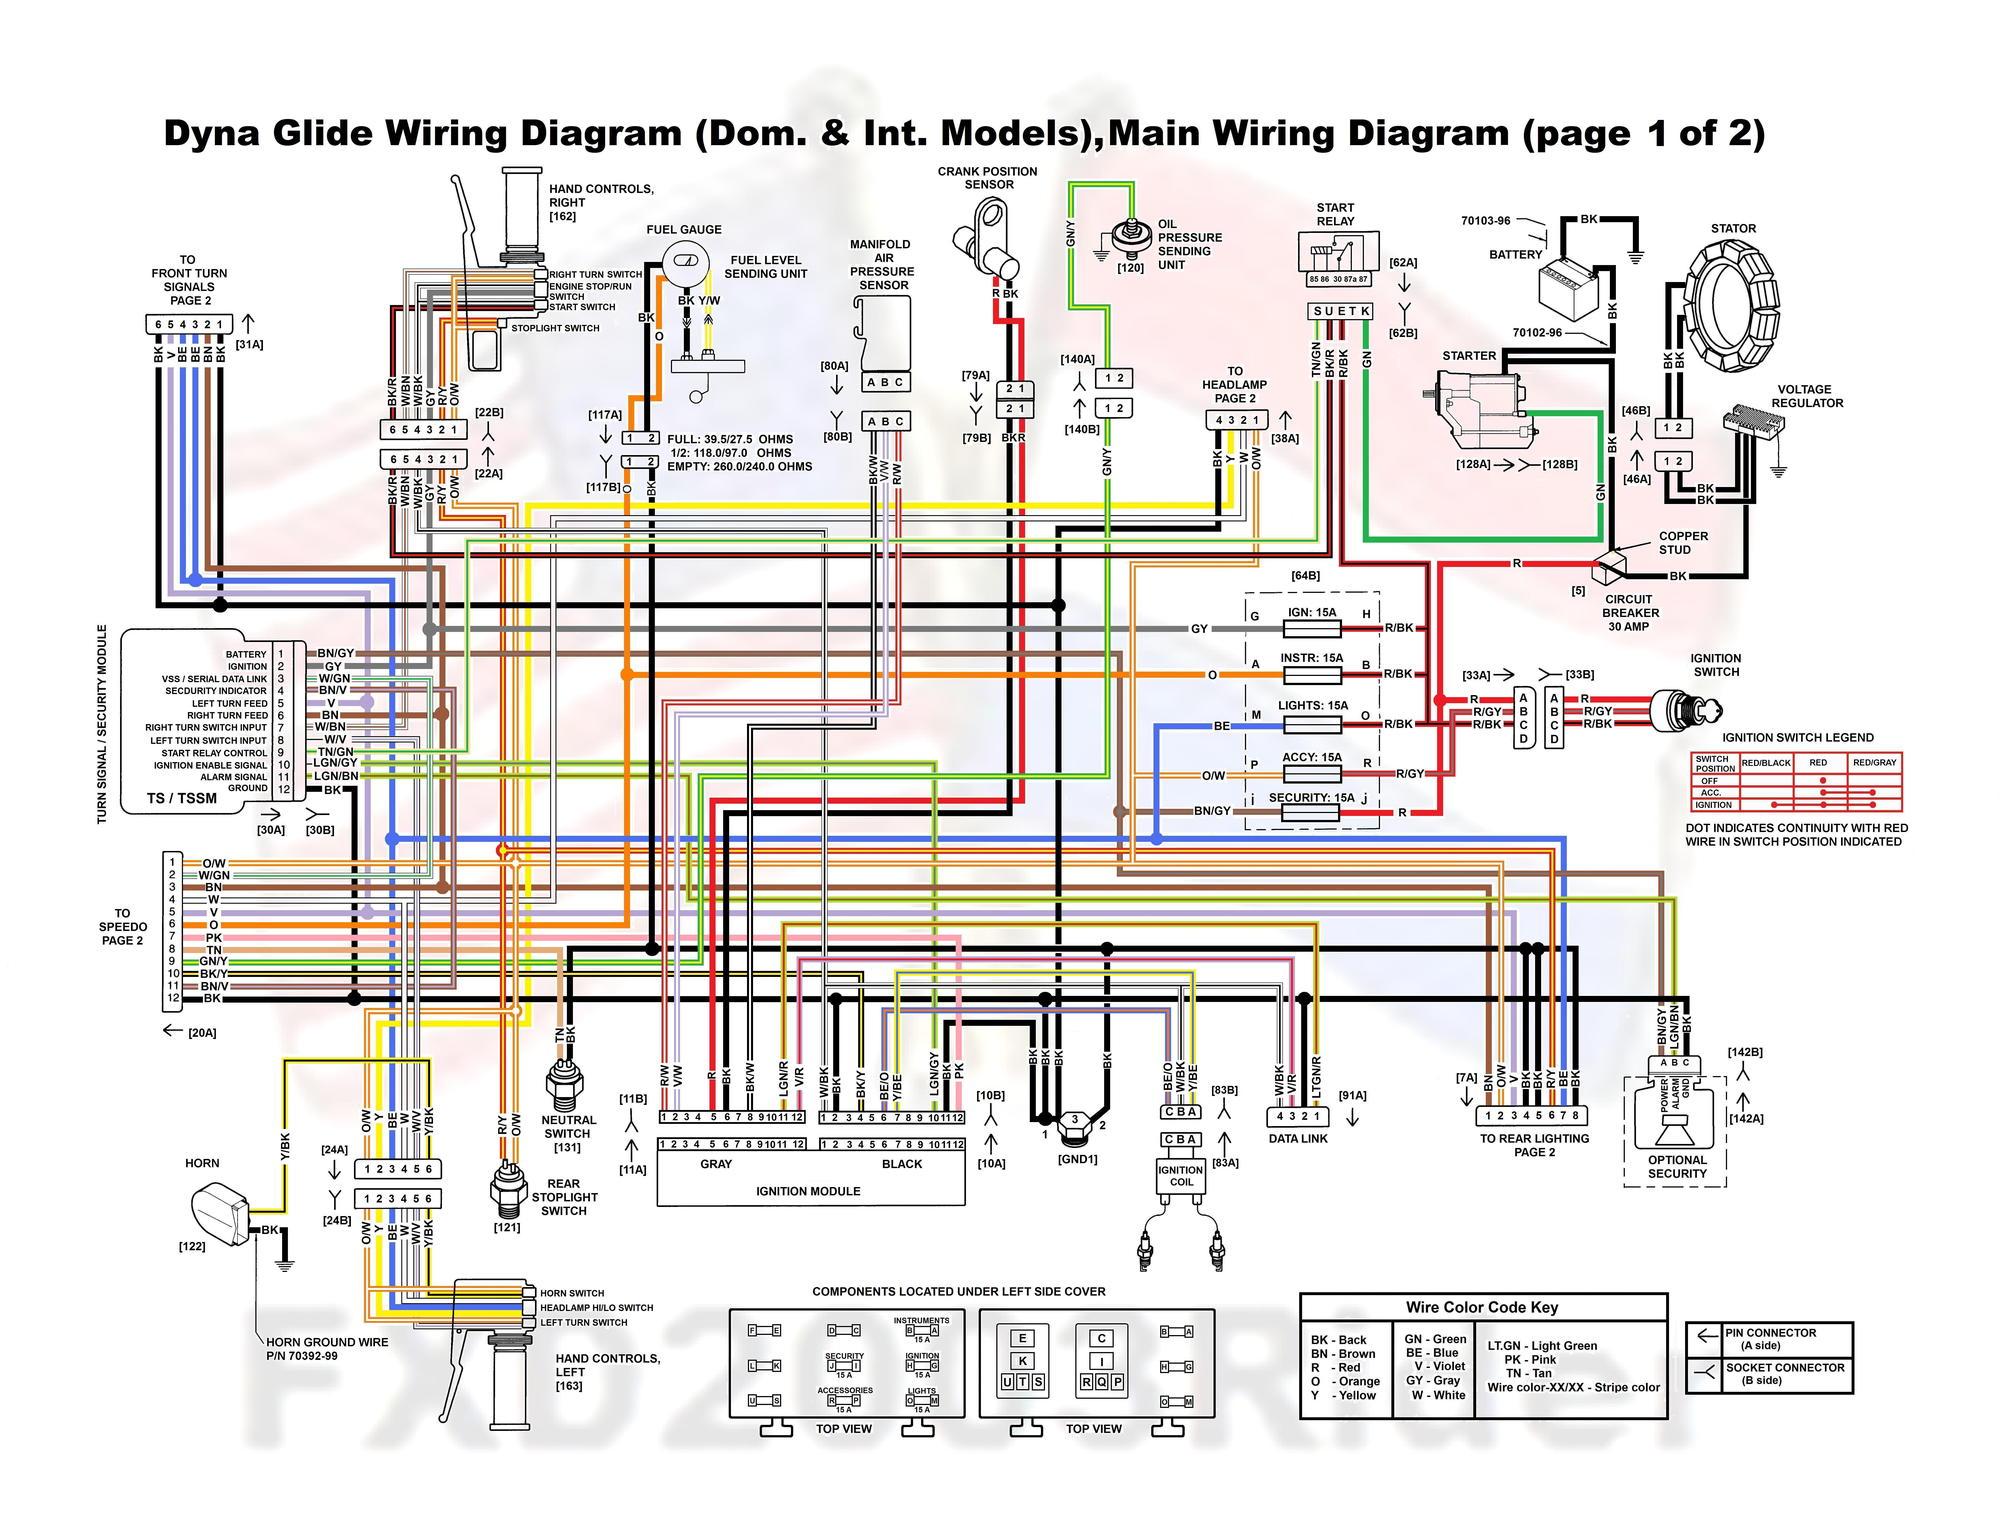 2001 buell wiring diagram beta wiring diagram wiring 1986 Sportster Wiring Diagram 80  kleur en wm 2003 dyna glide wiring diagram dom int models main wiring diagram page 1 of 2  89aa5bfbfe3bdf104c1e84165cbae702feebd8cc